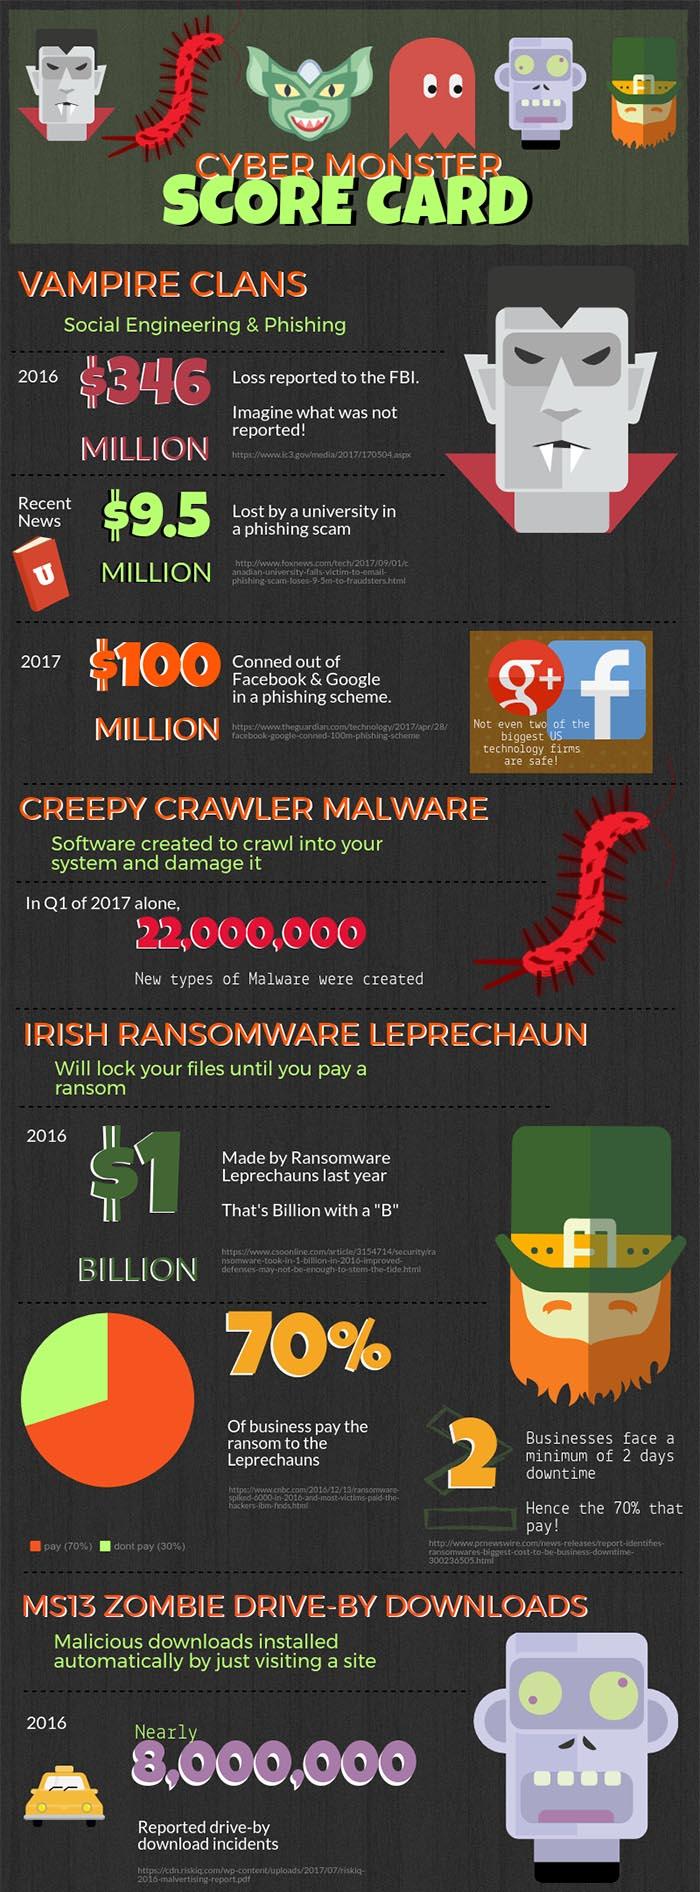 CBM 2017 cyber security scorecard statistic